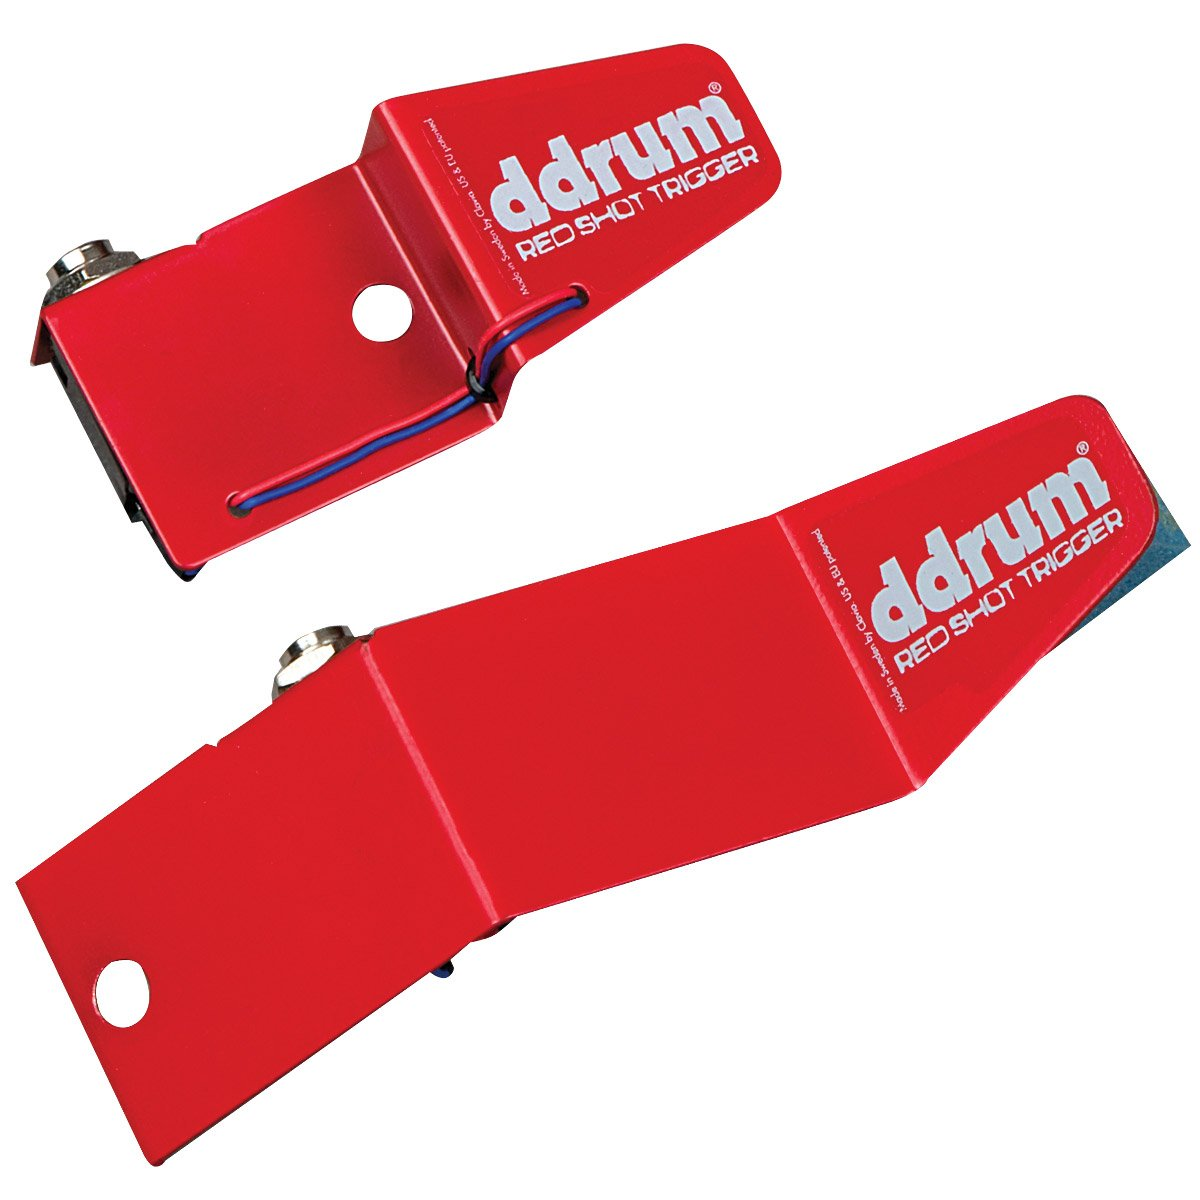 RedShot Trigger Kit